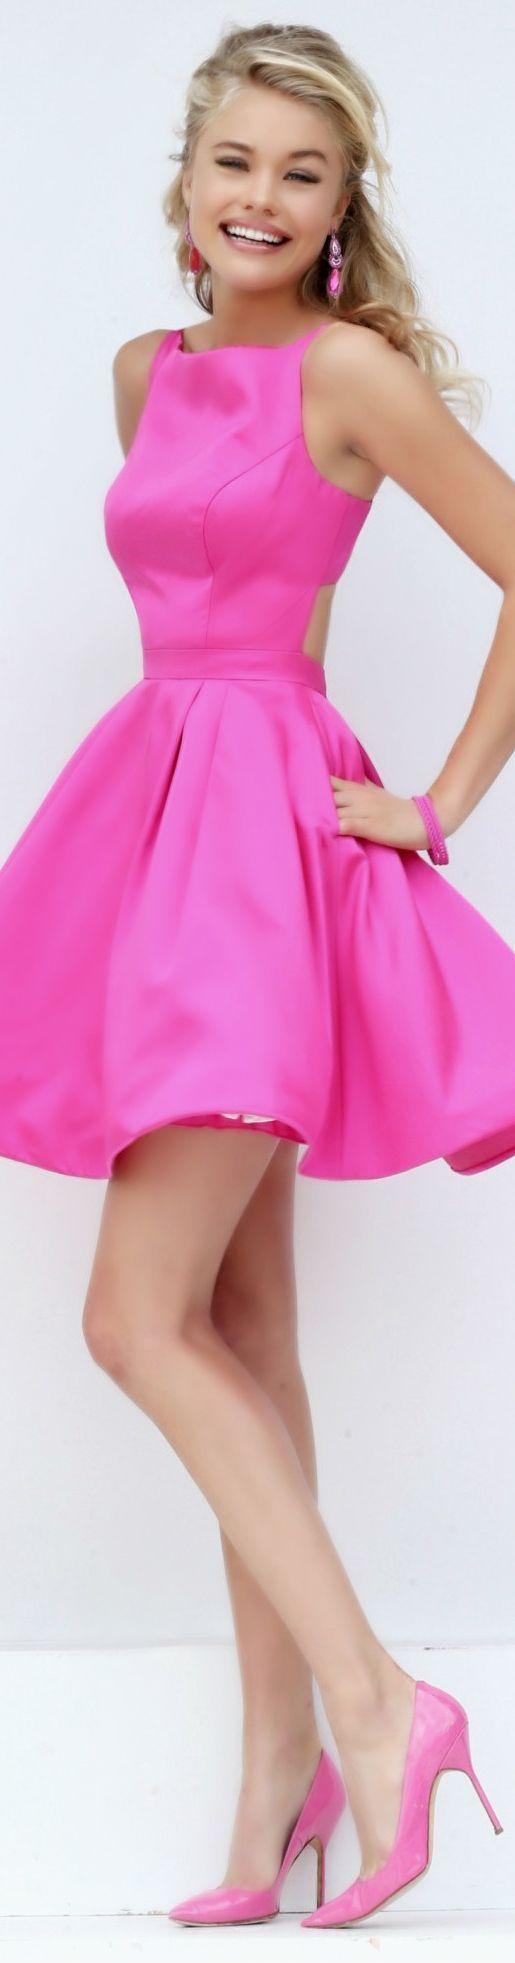 Pin de Lucy Parra en moda teens | Pinterest | Graduación, Vestiditos ...